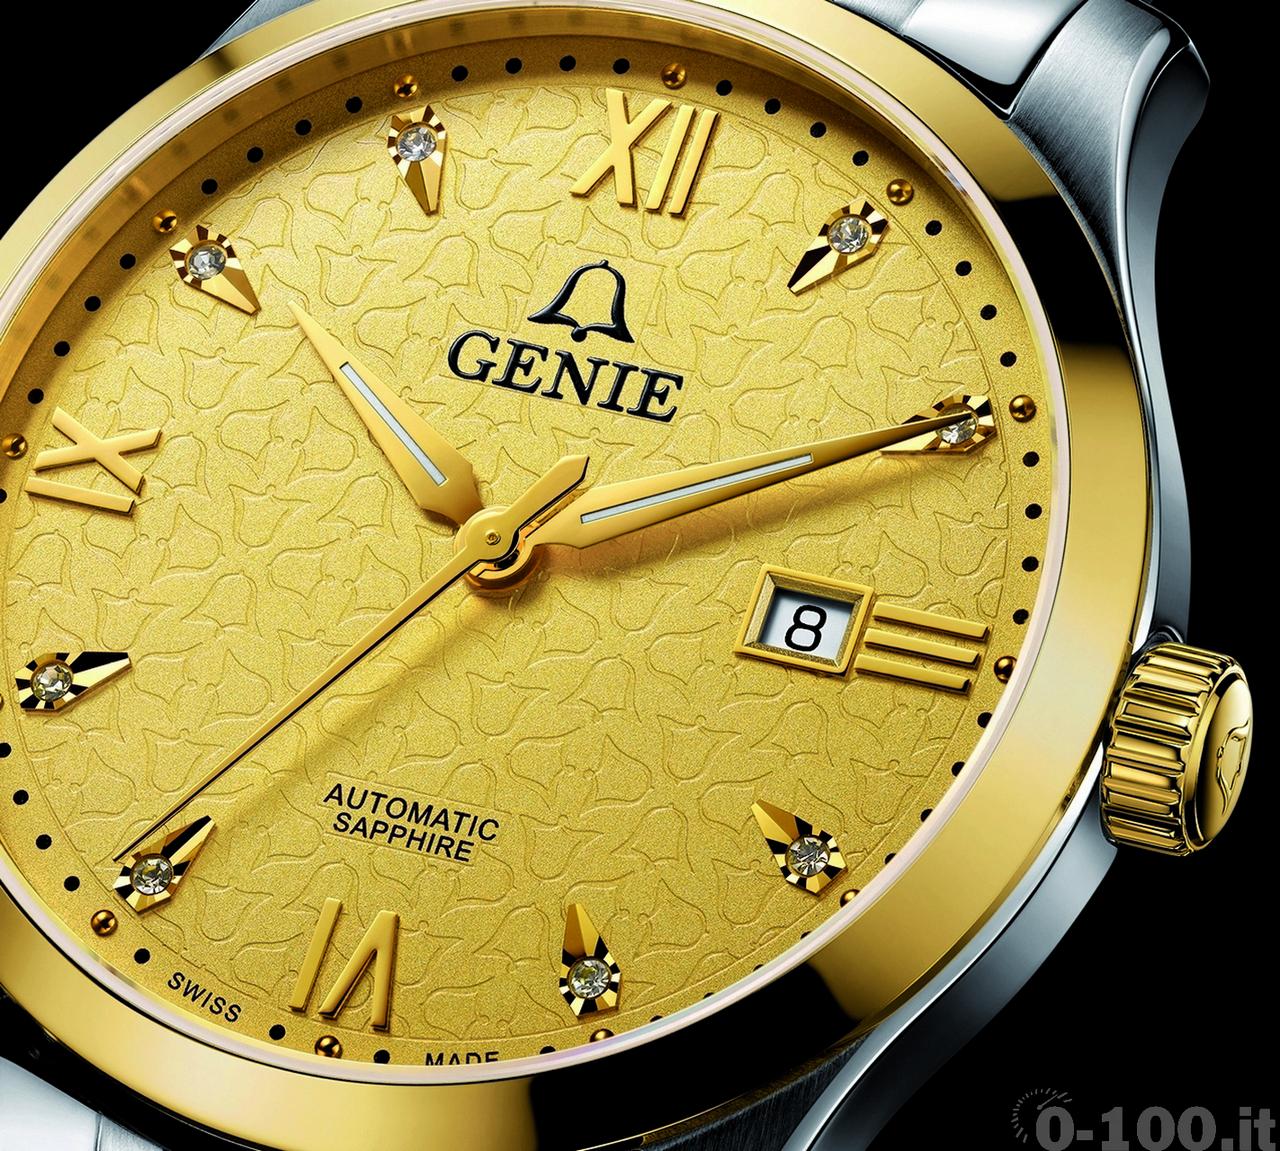 anteprima-baselworld-2014-genie-grandor_0-1002